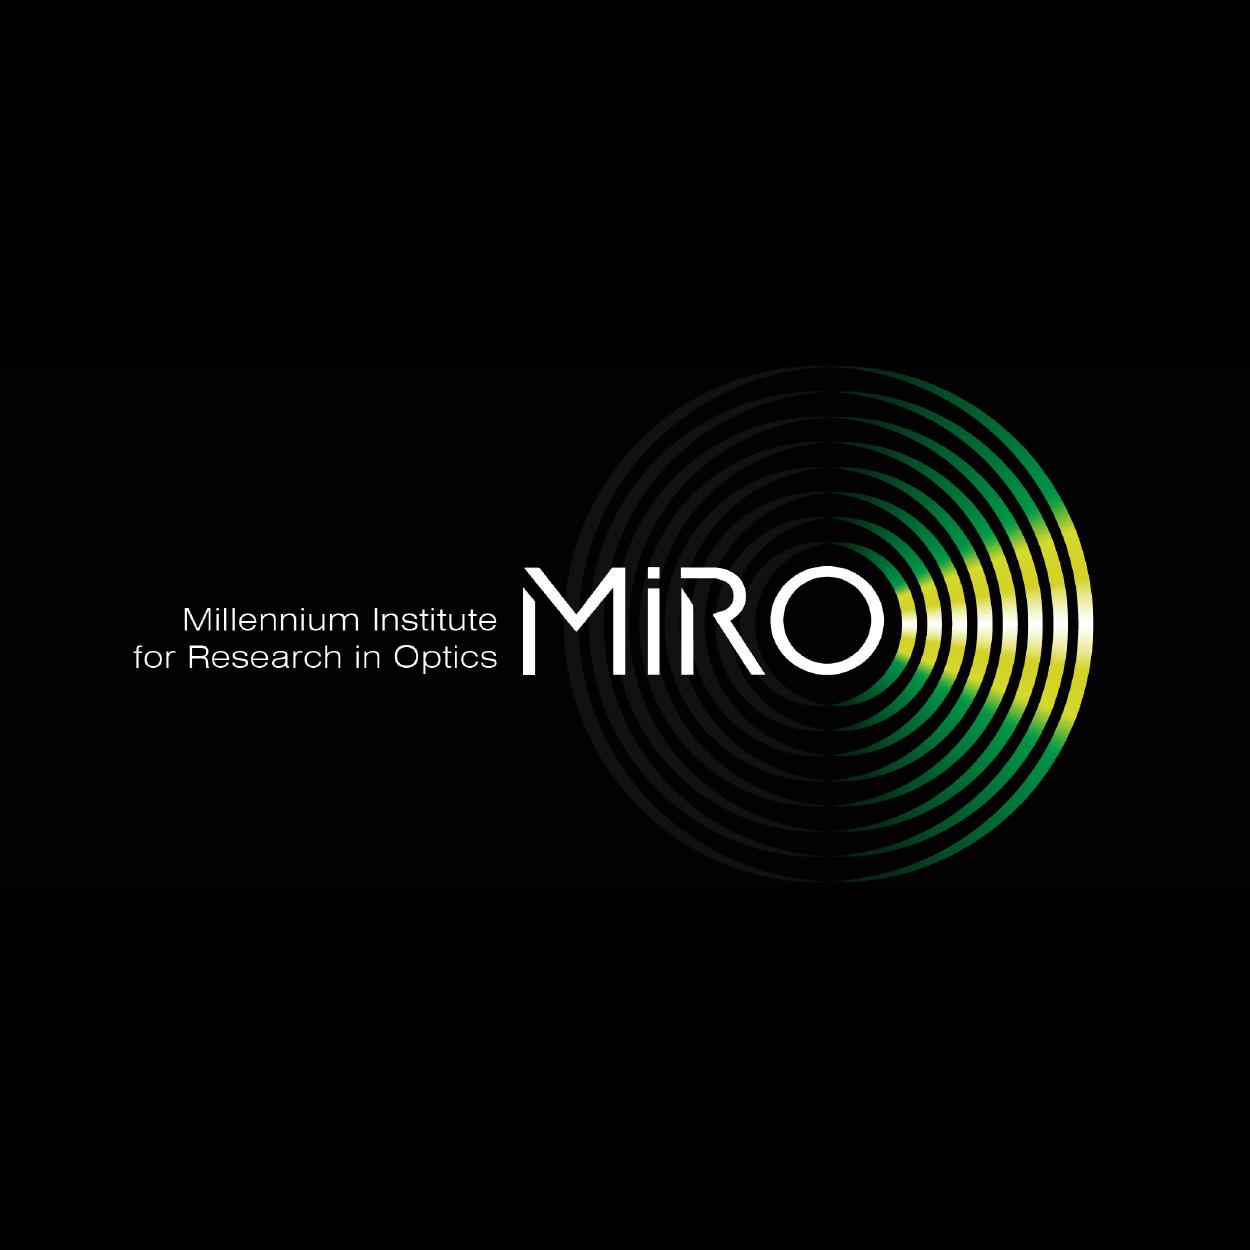 Logo-MIRO-before